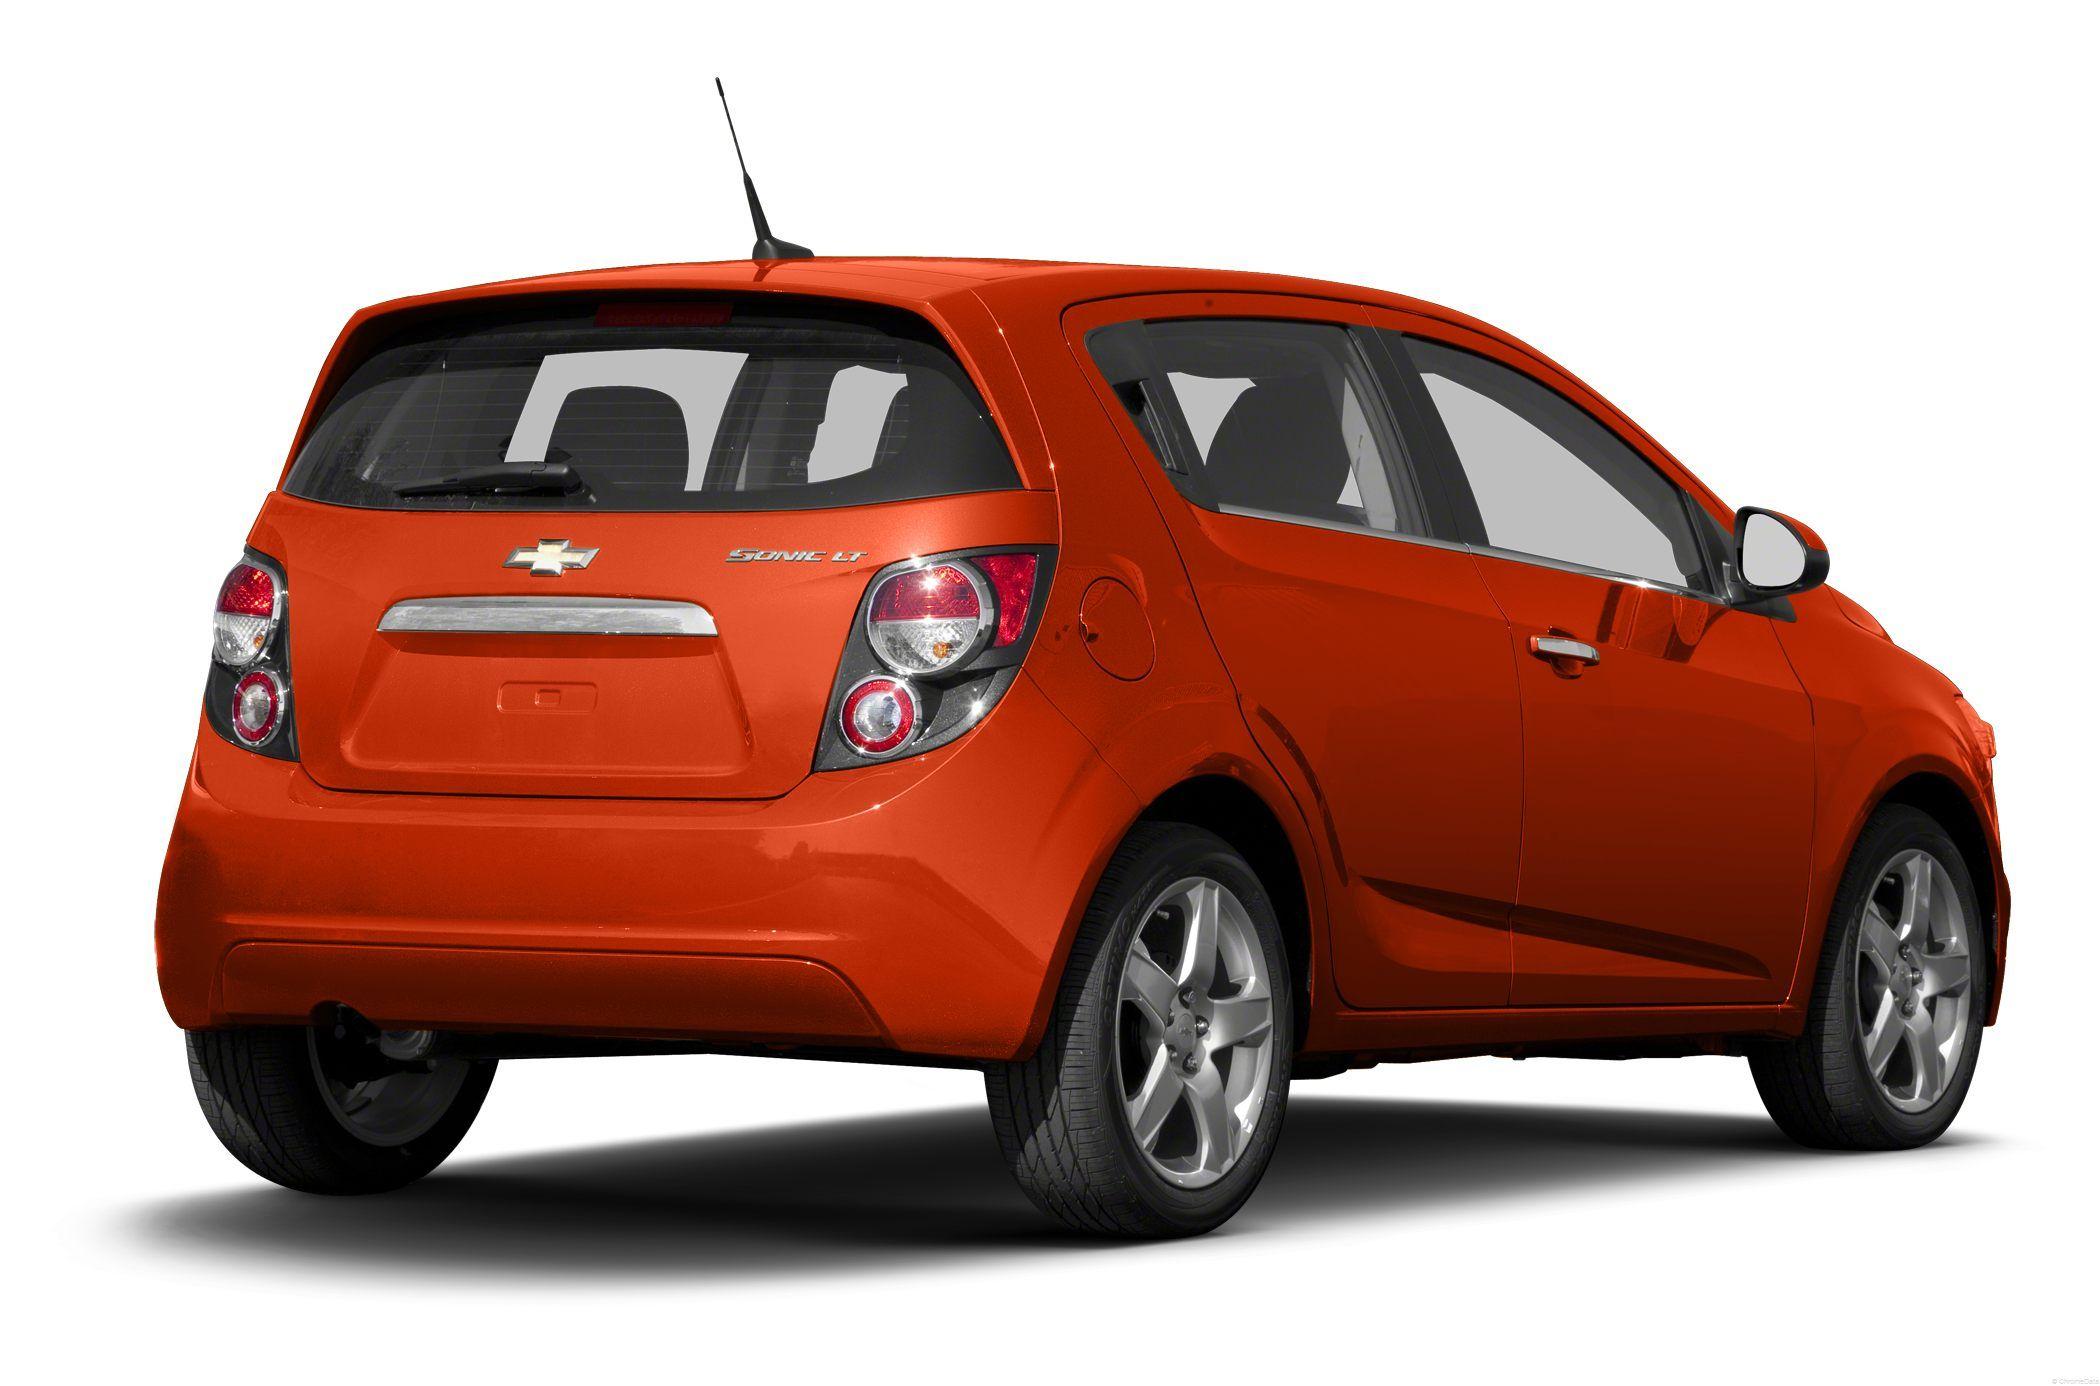 2016 Chevrolet Sonic Lt Auto Hatchback Chevrolet Sonic Cars For